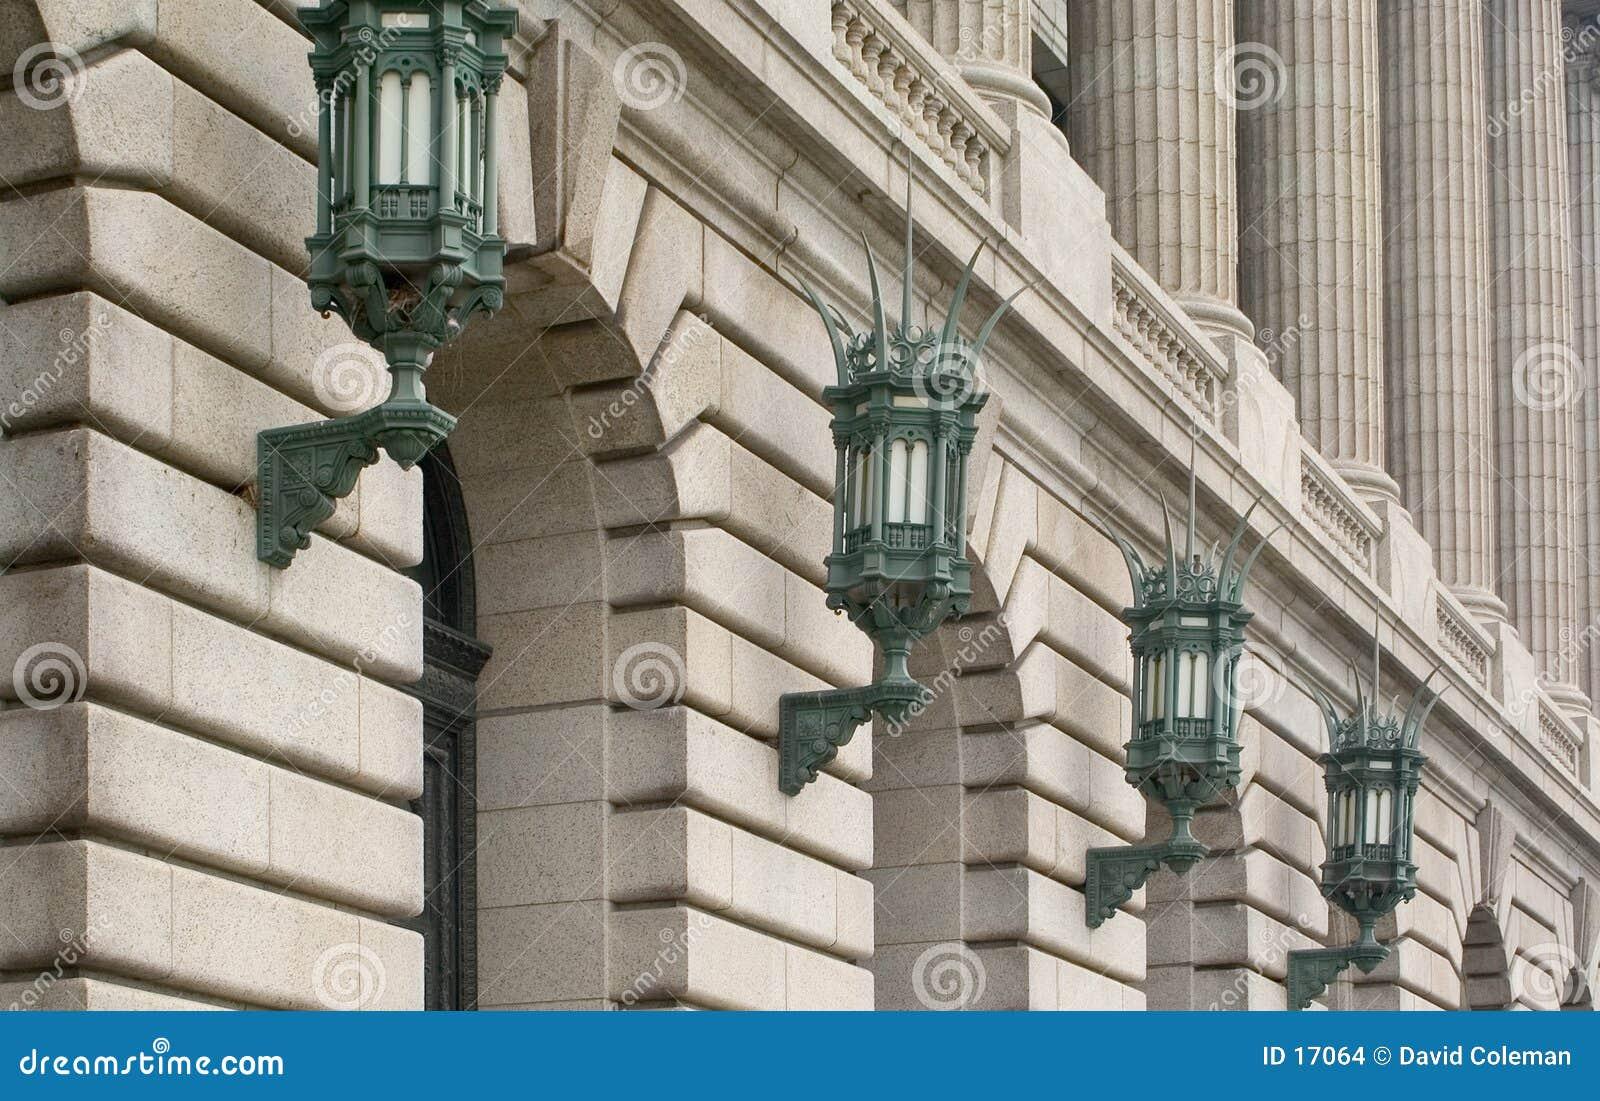 Illuminazione architettonica